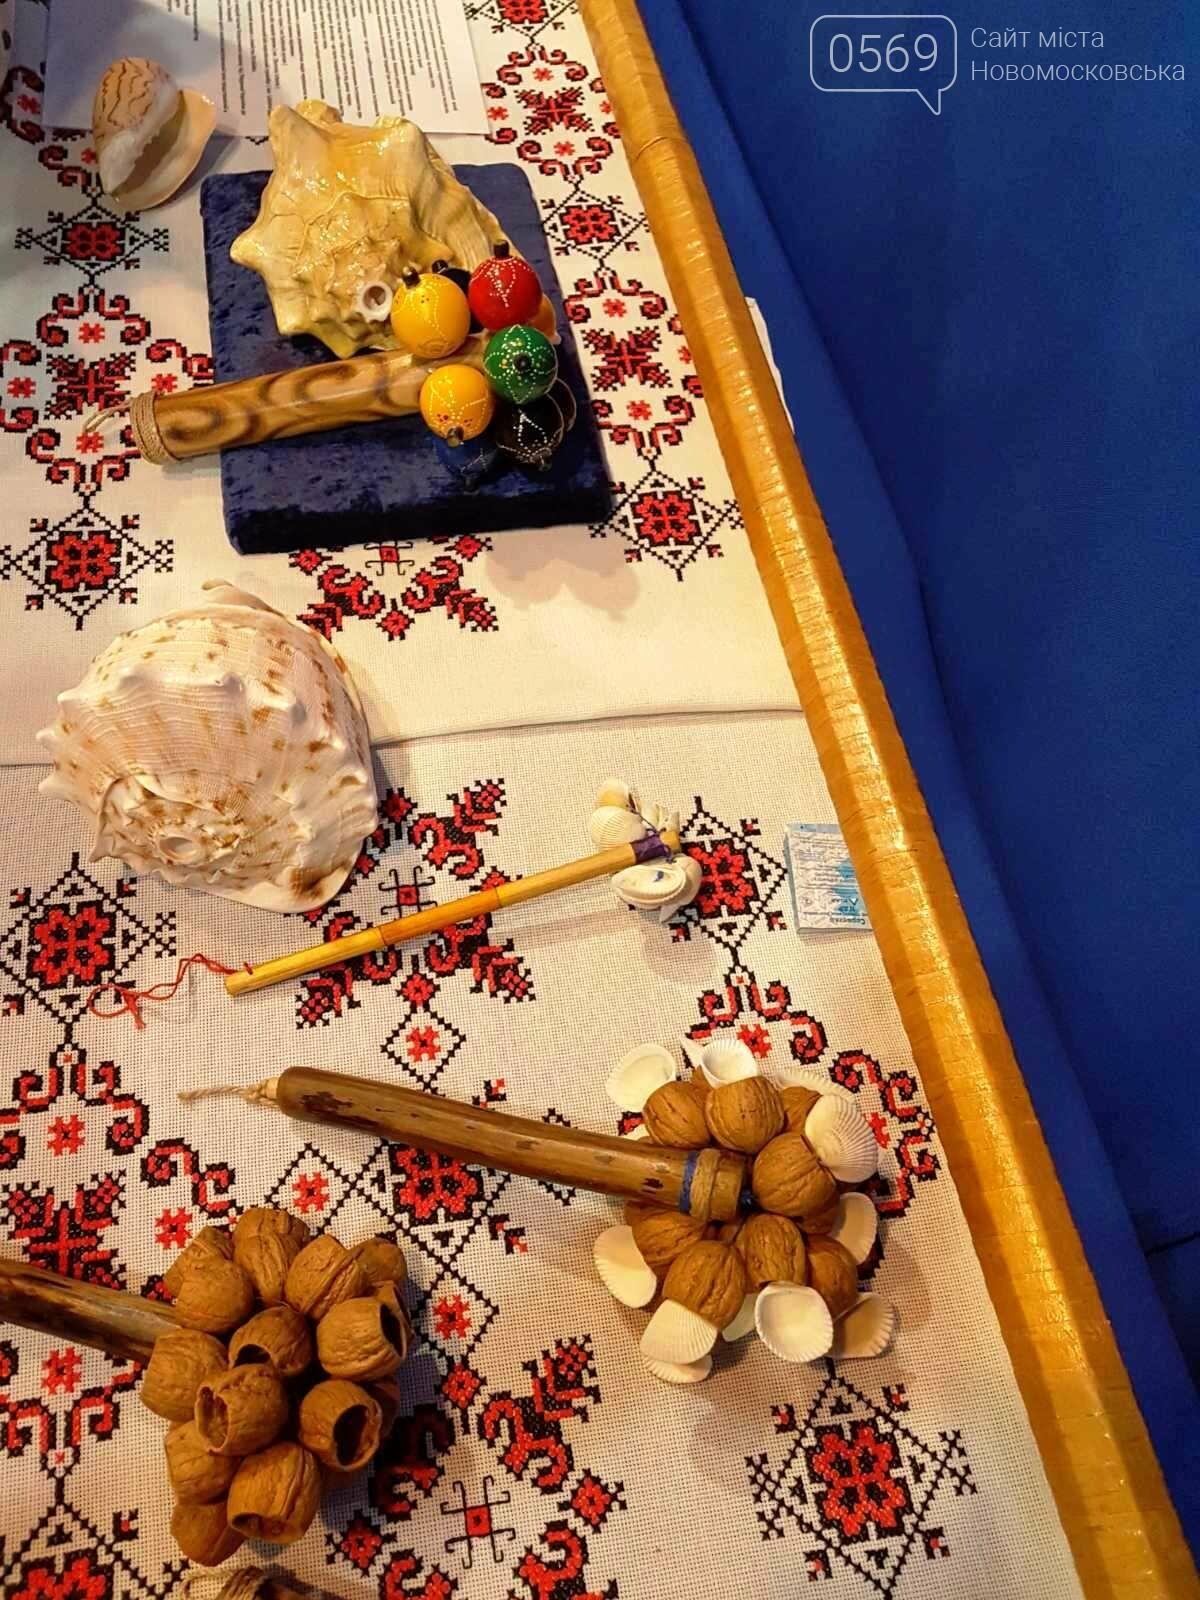 Учні Новомосковської мистецької школи відвідали виставку народних інструментів, фото-4